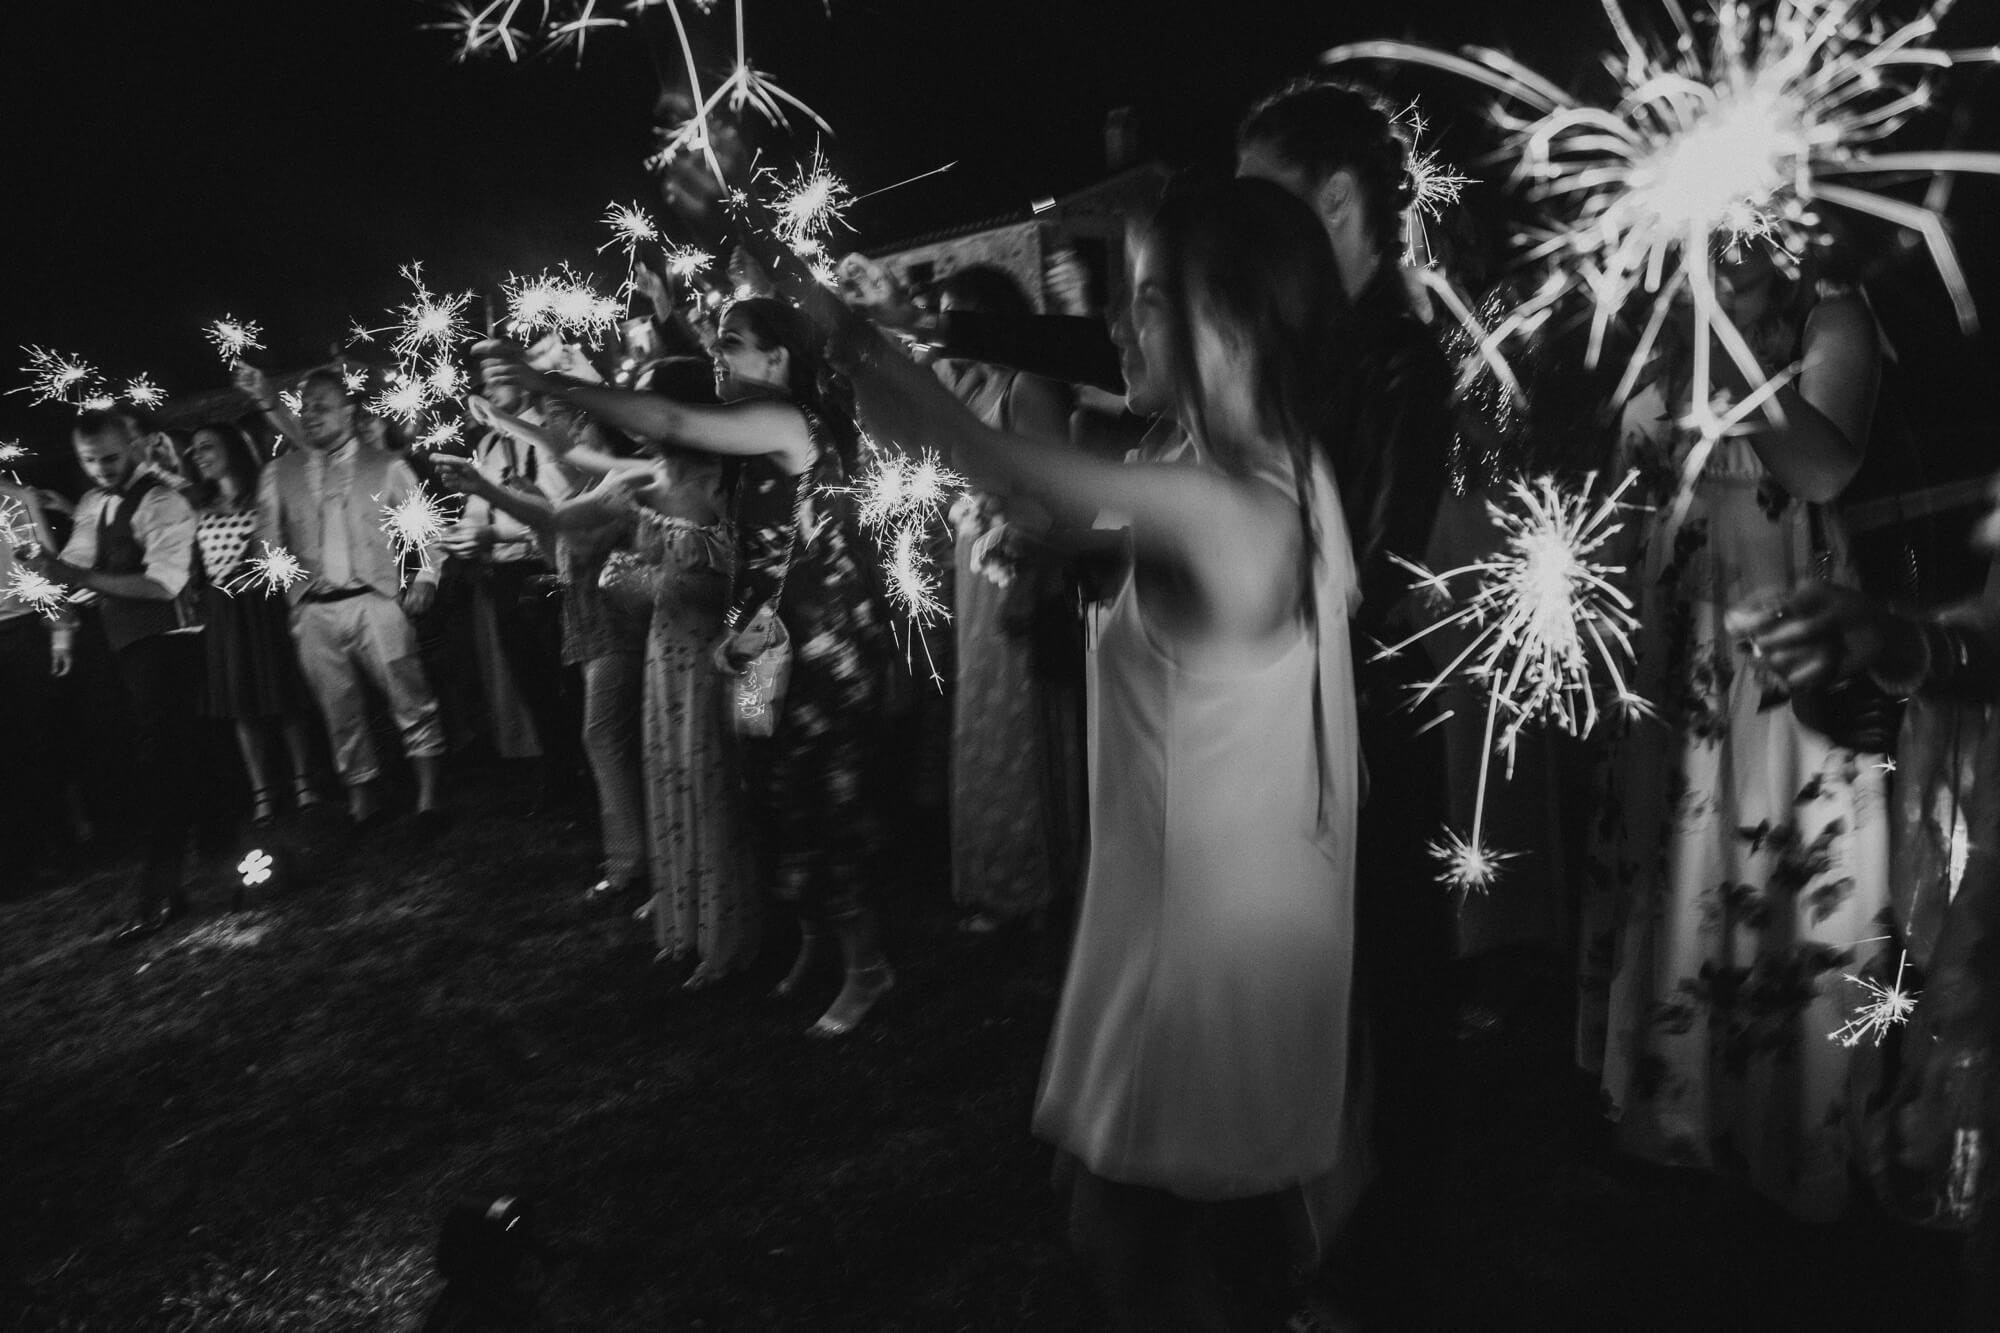 Servizio di musica per matrimonio. Giulia Alessandri Wedding Planner: progettazione e coordinazione matrimoni in Toscana.